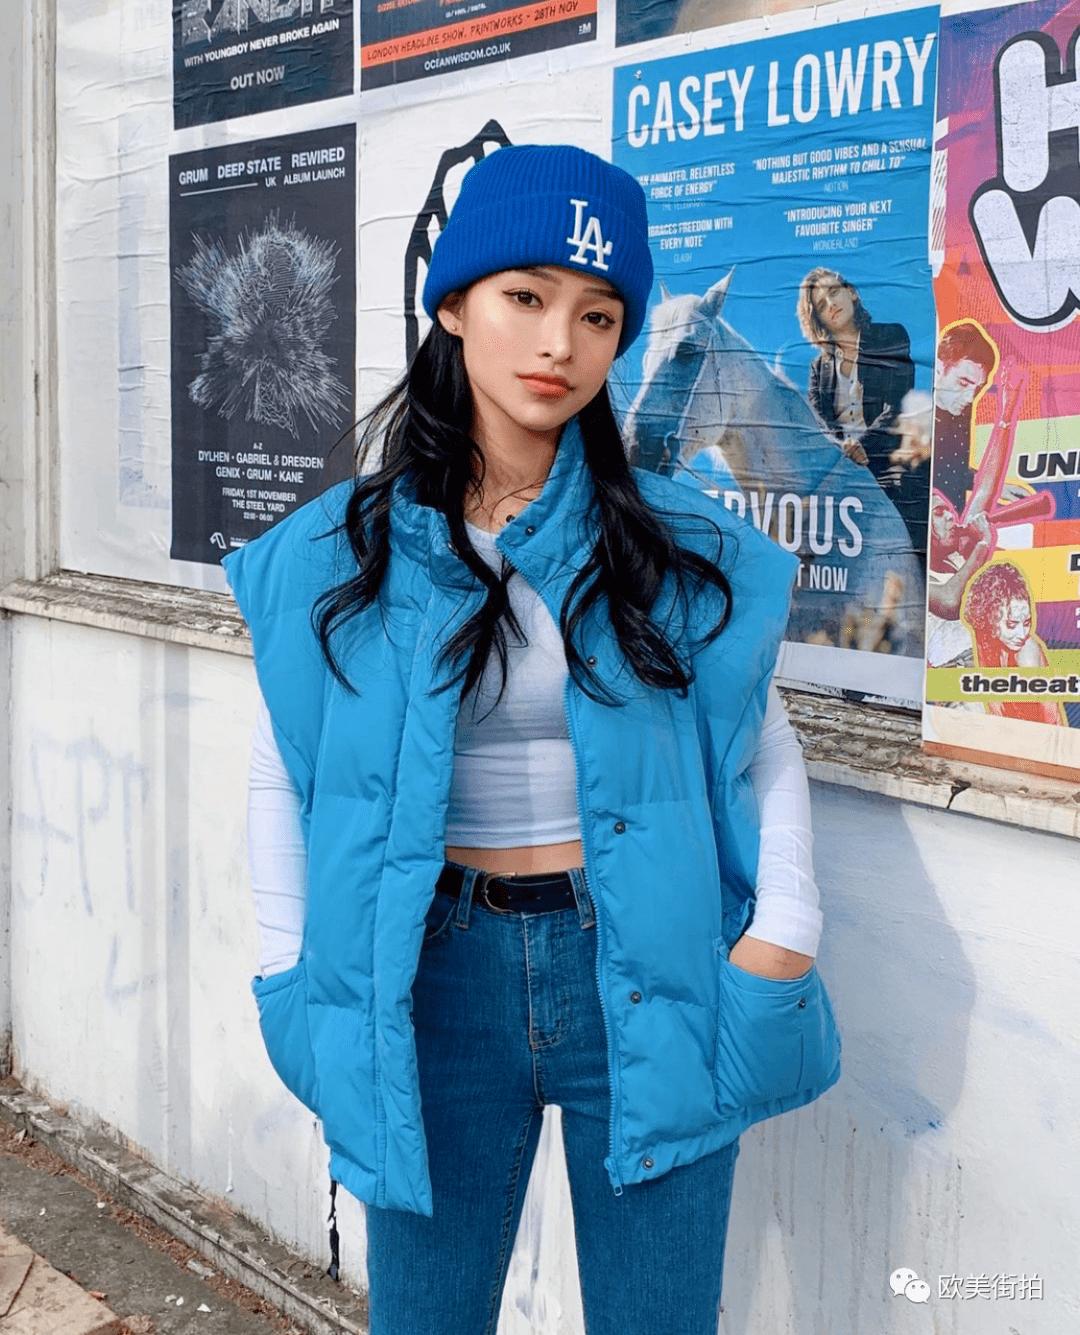 11 gợi ý lên đồ màu mè họa tiết cực xinh từ gái Hàn để bạn áp dụng  - Ảnh 10.